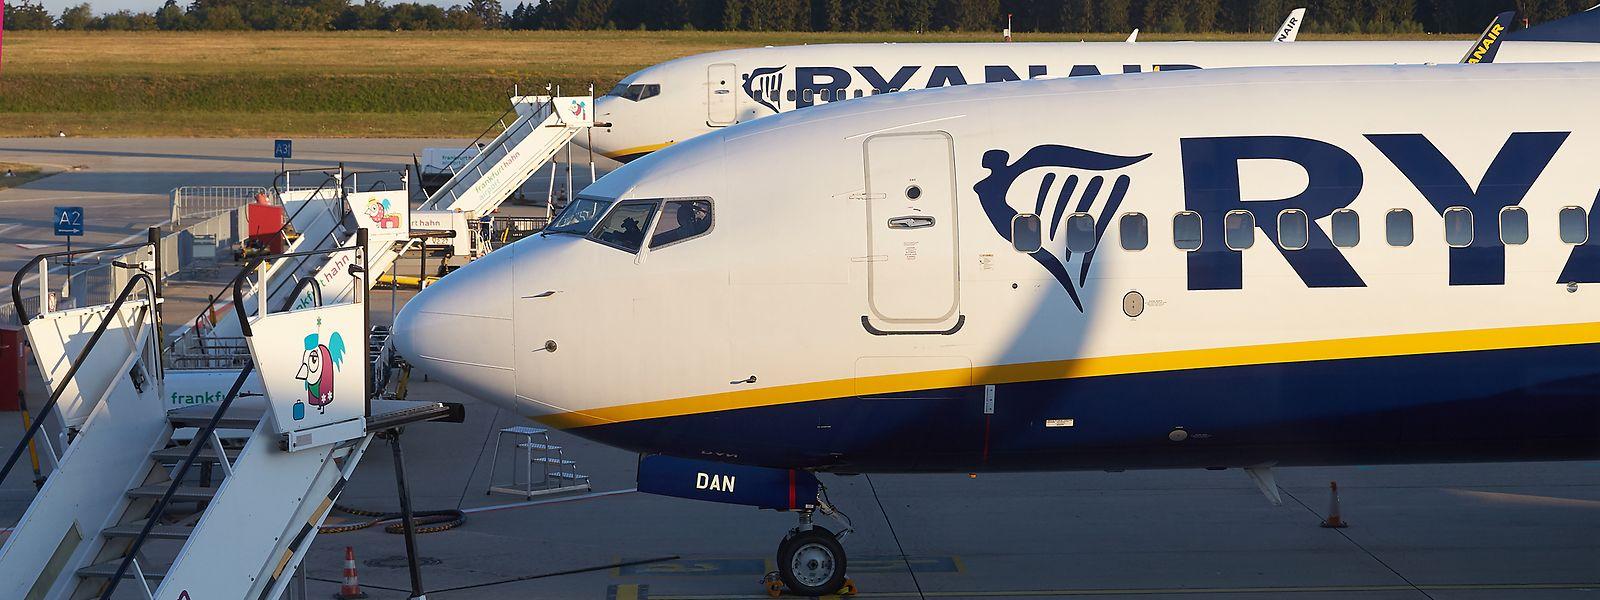 Ryanair a participé au développement croissant du trafic de passagers à l'aéroport de Charleroi.